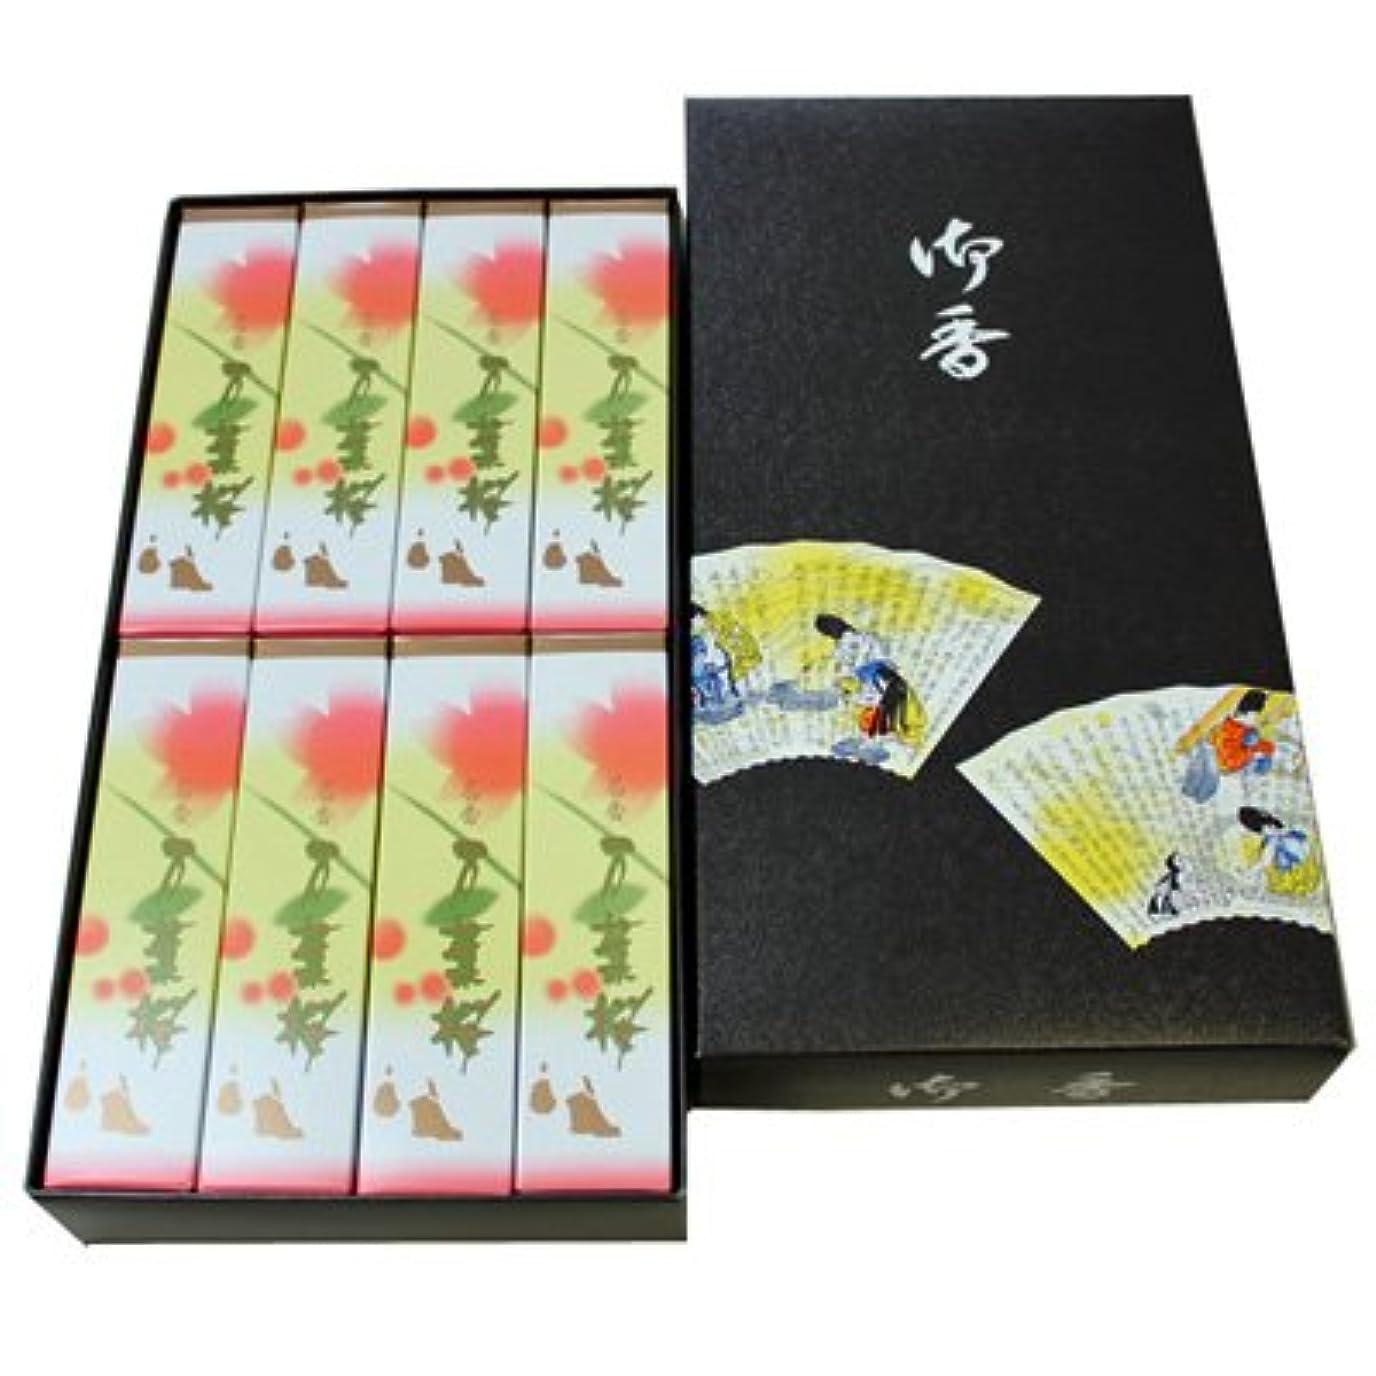 に対処する化学とにかく万葉桜セット 贈り物用 贈答用 ギフト用 お線香